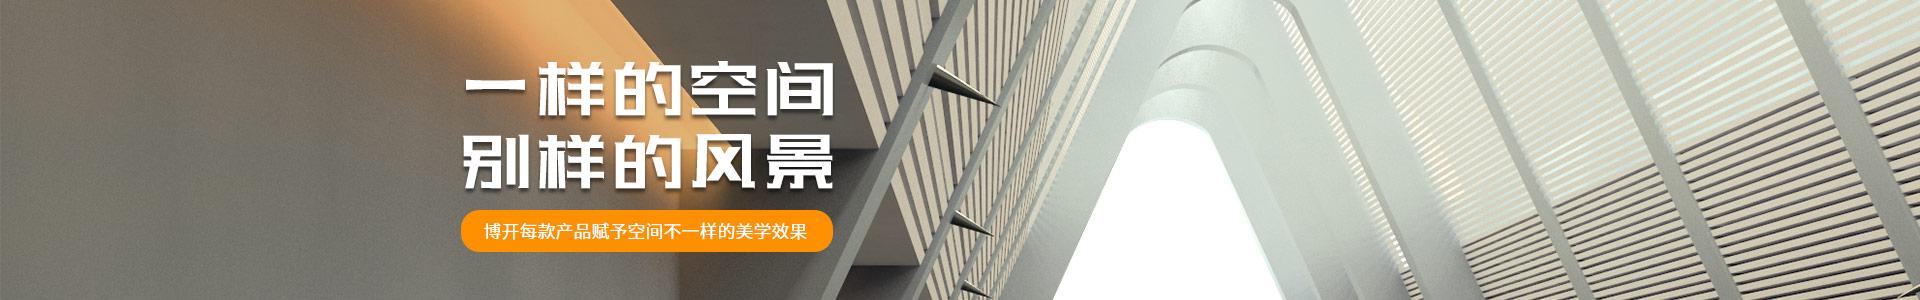 上海博开-产品中心